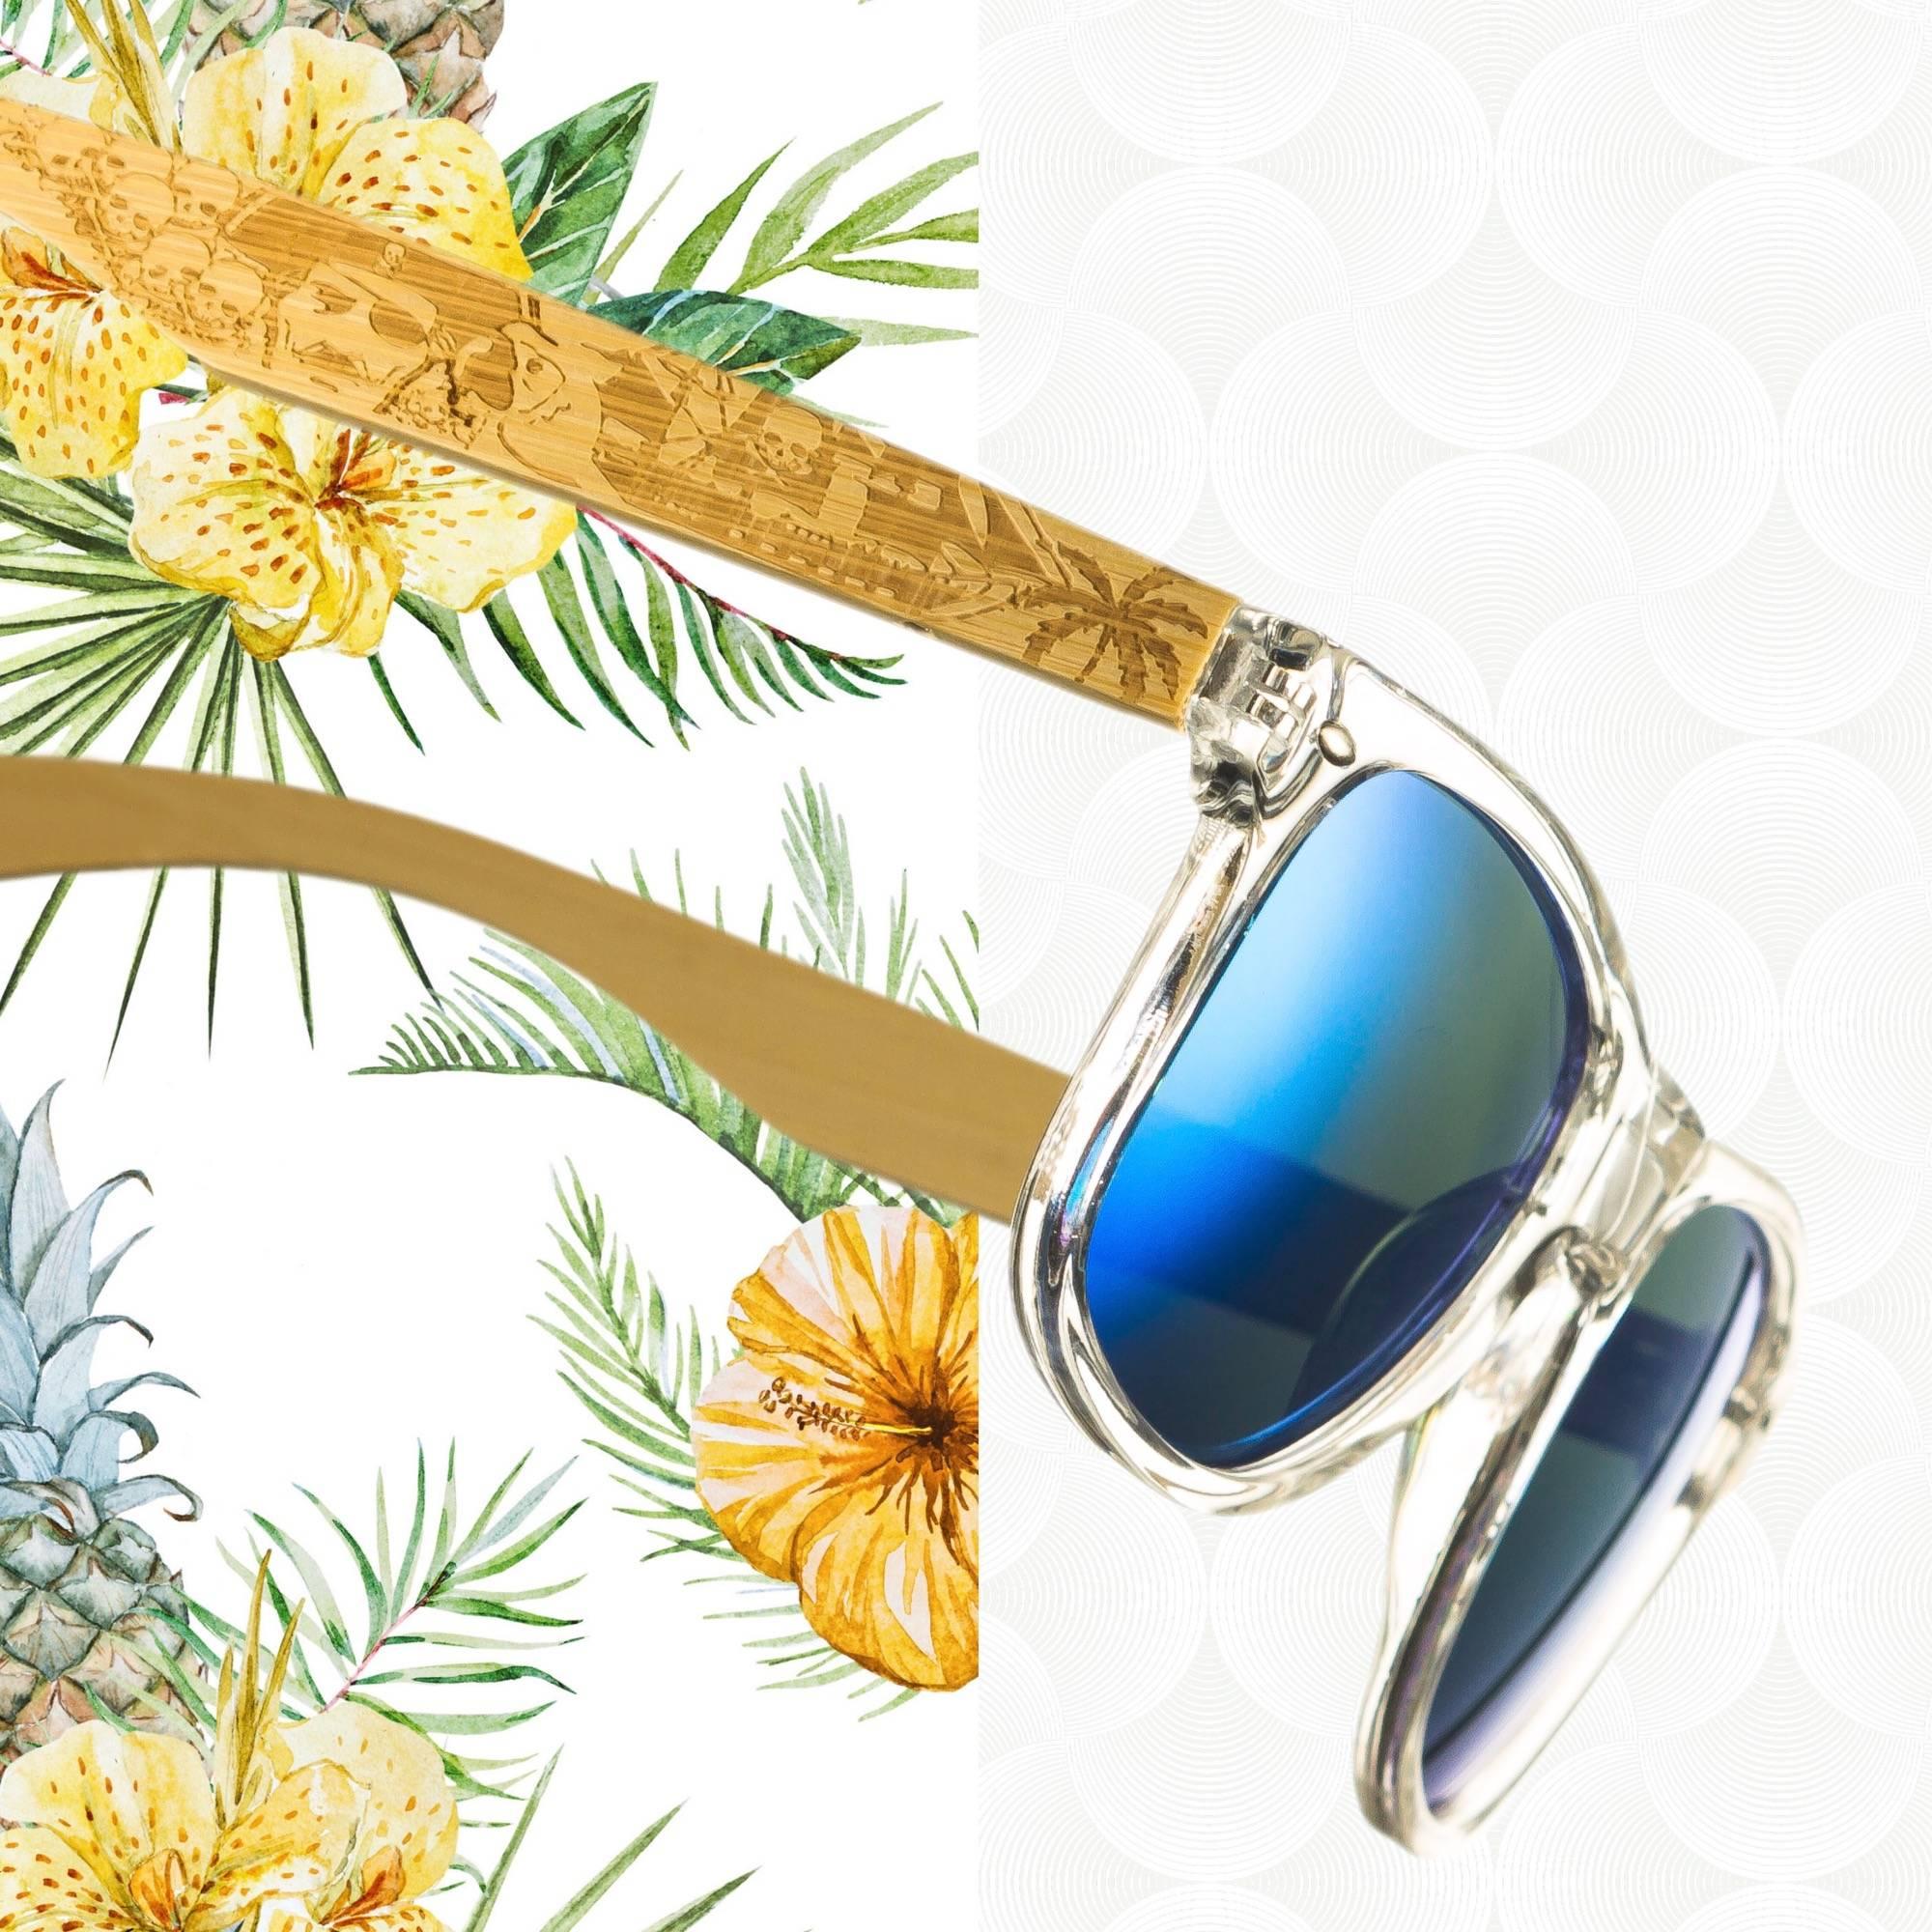 Cali Life Co. Wood Sunglasses